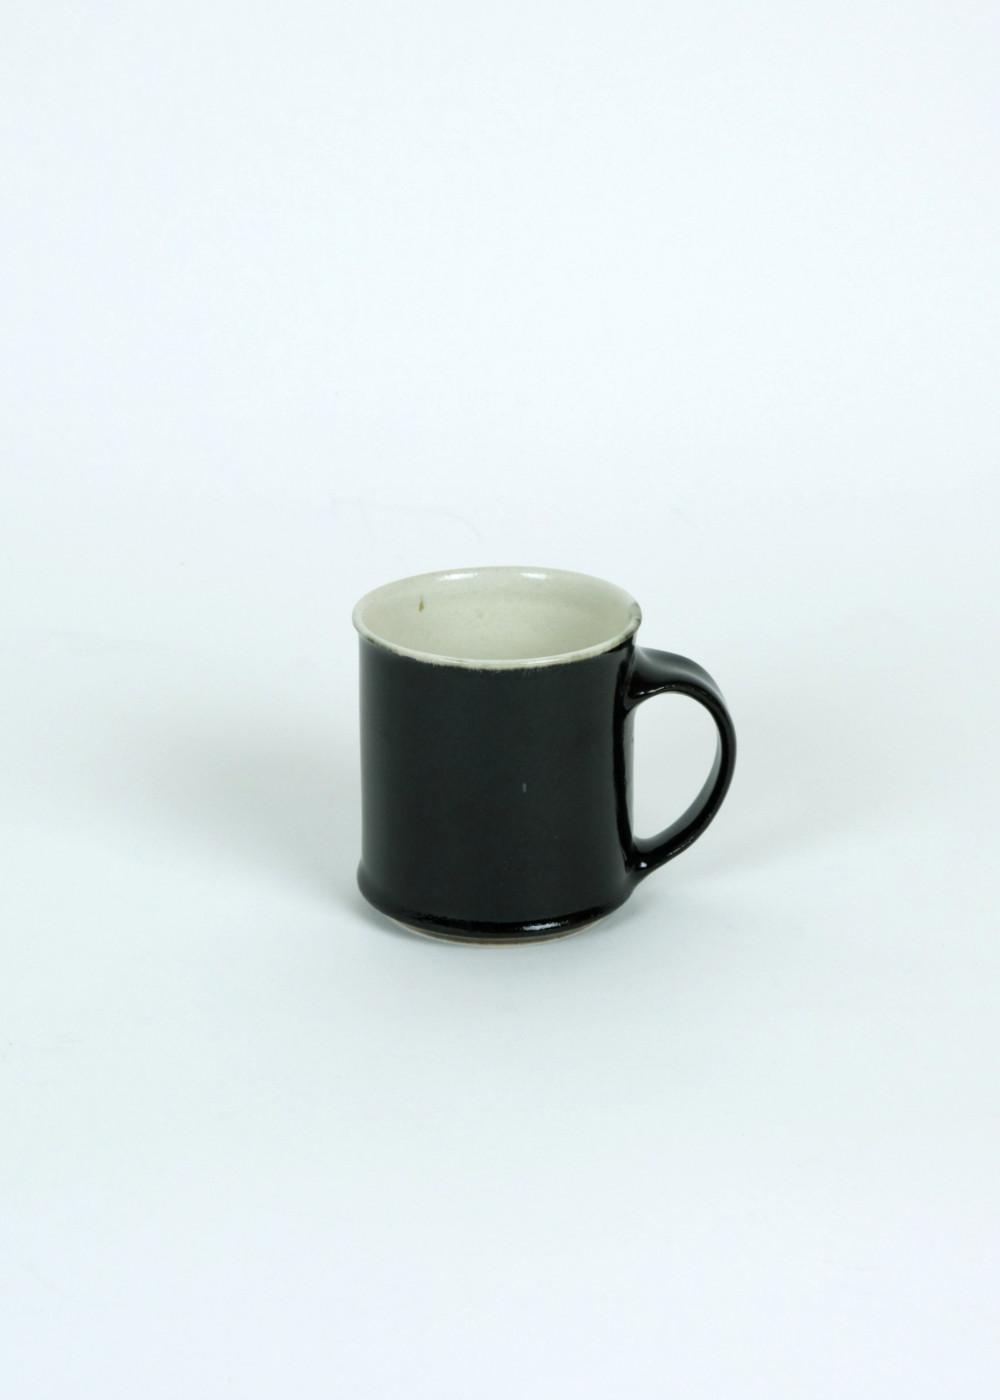 Gunji_mugcup_black_B1